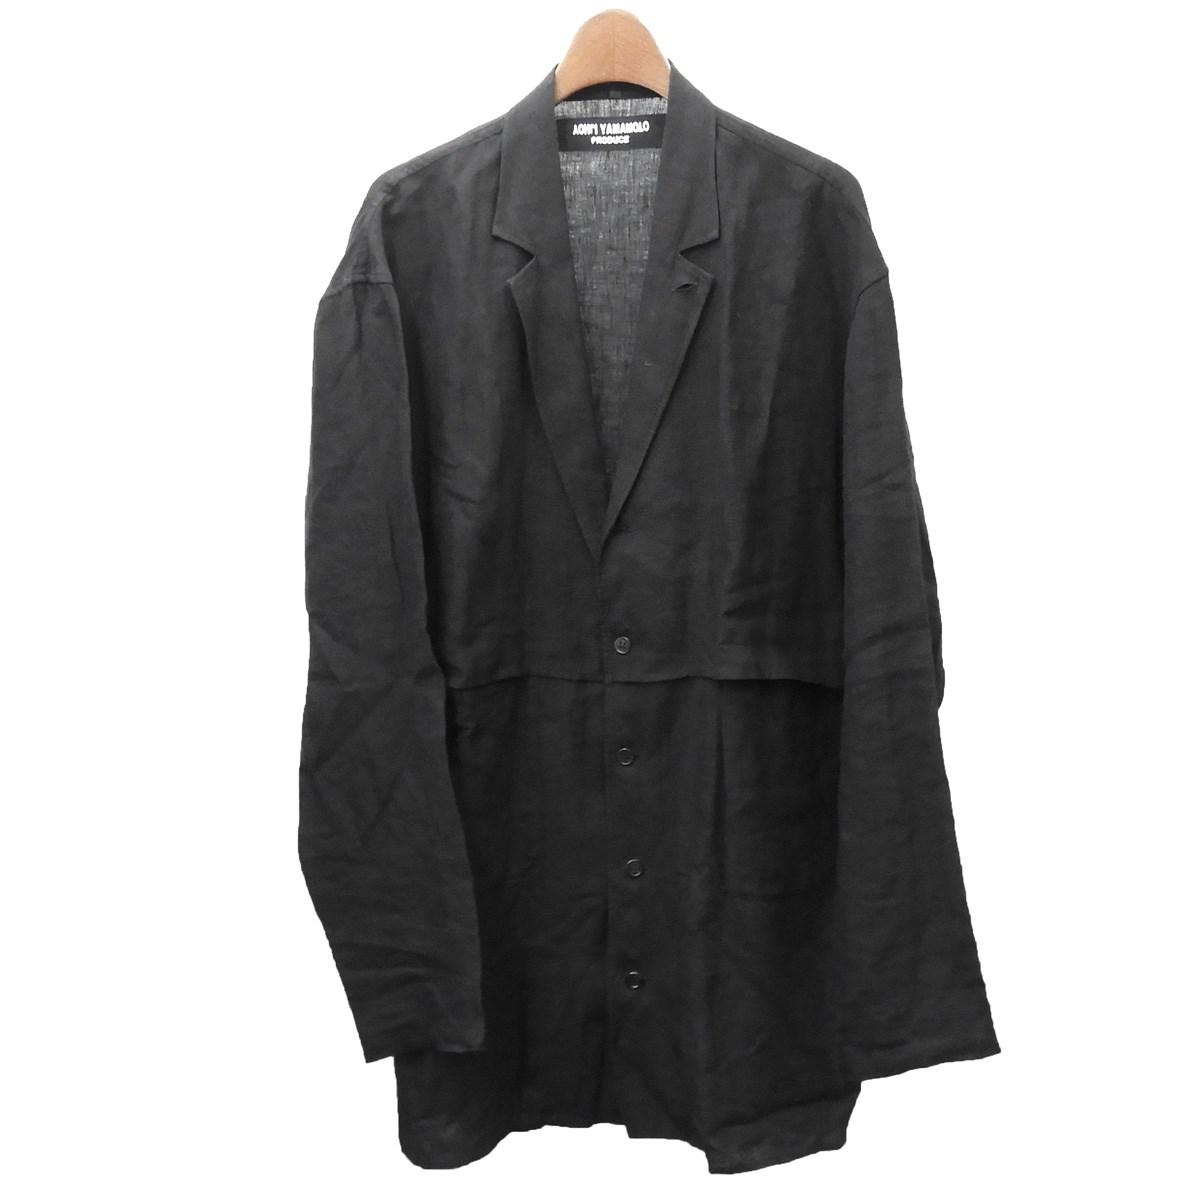 【中古】YOHJI YAMAMOTO pour homme 2017SS リネンテーラードジャケット ブラック サイズ:1 【020420】(ヨウジヤマモトプールオム)